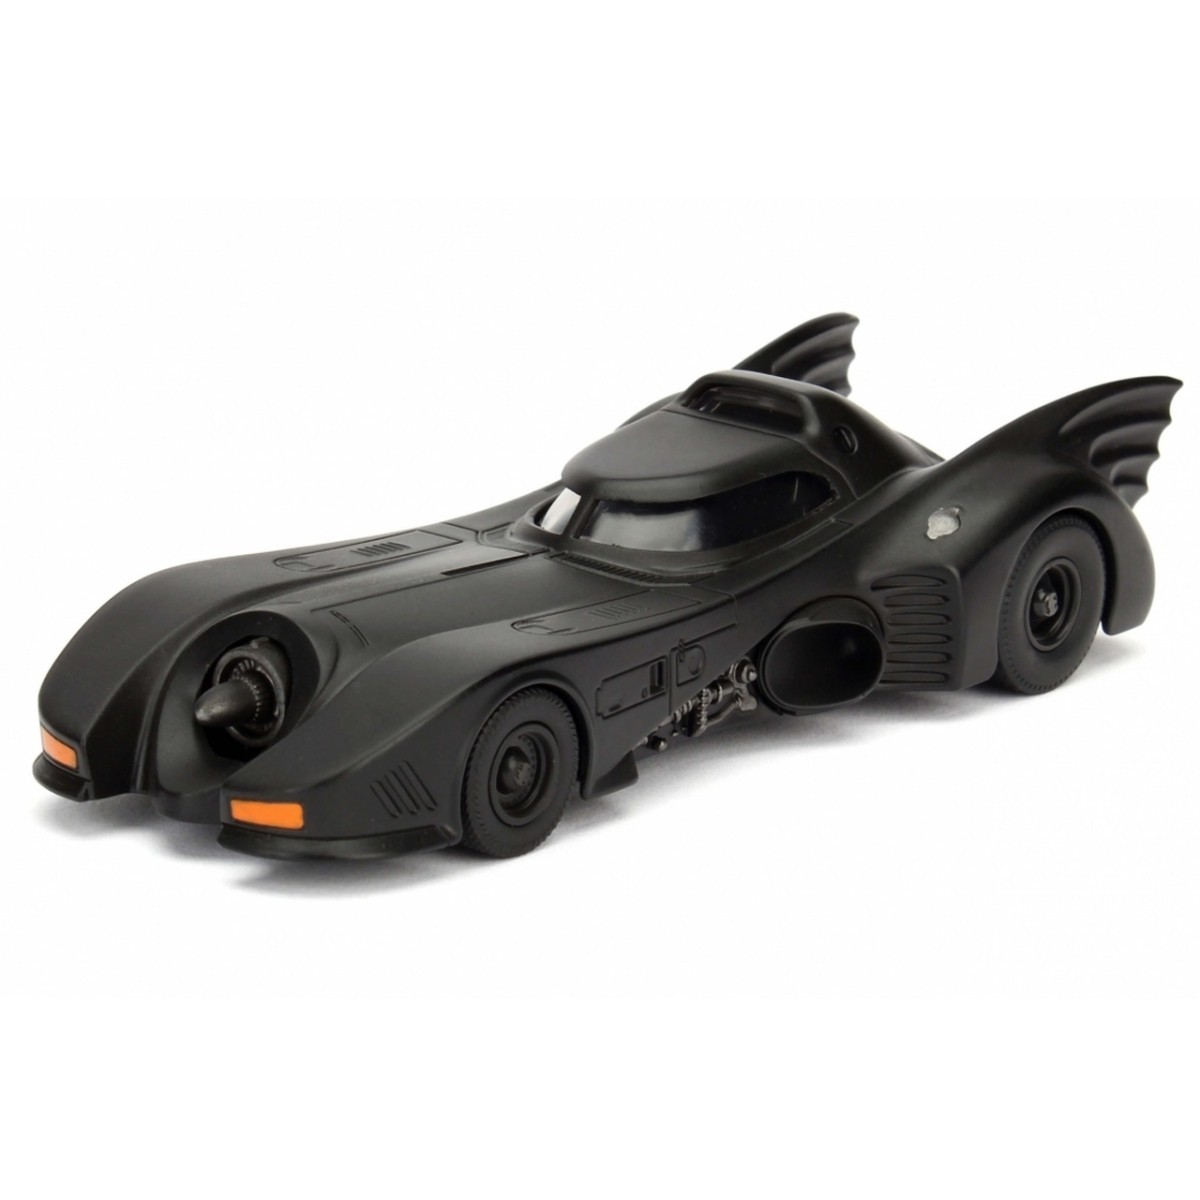 Metals Die Cast Batmobile Batman 1989 Escala 1/32